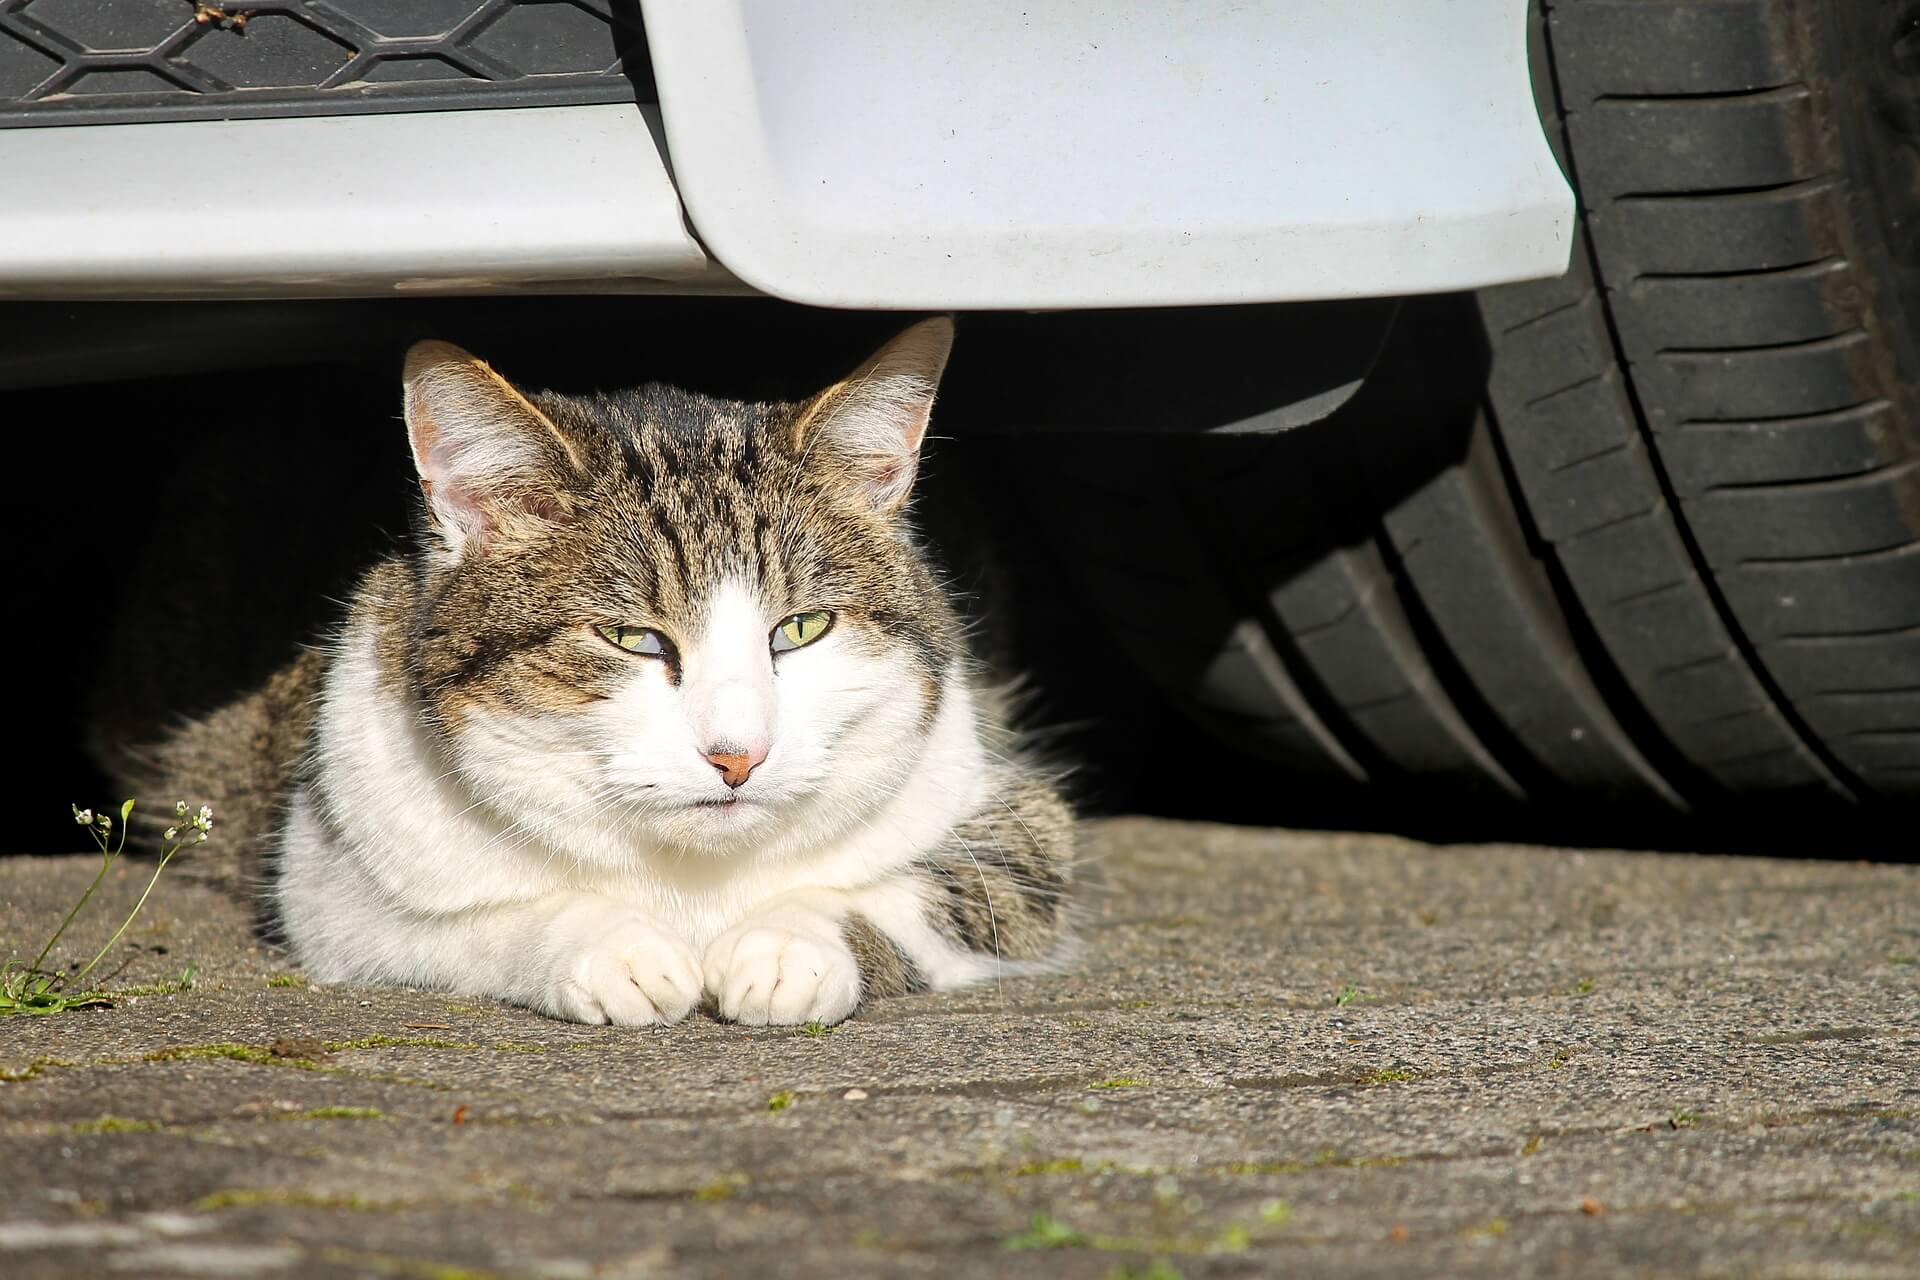 Zanim ruszysz zajrzyj pod samochód